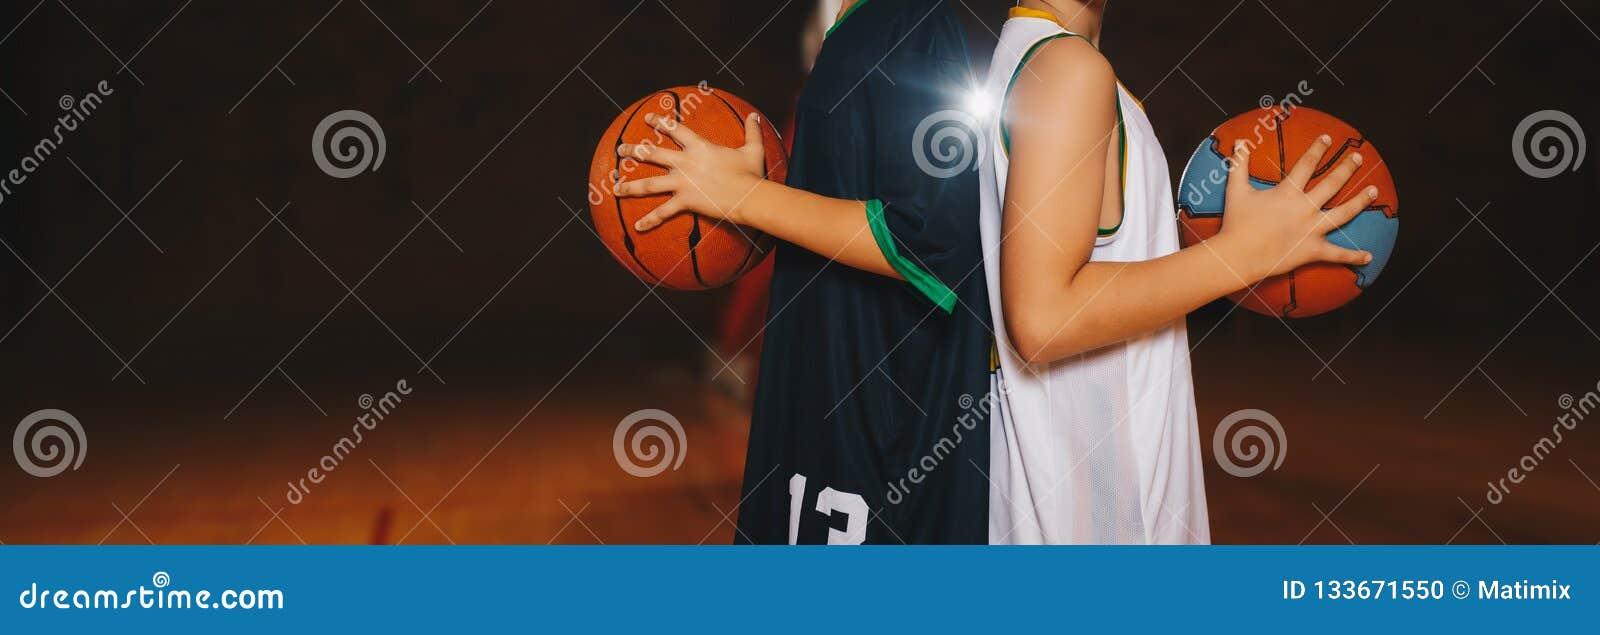 Baloncesto Team Players Holding Basketballs de dos muchachos en la corte de madera Entrenamiento del baloncesto para los niños